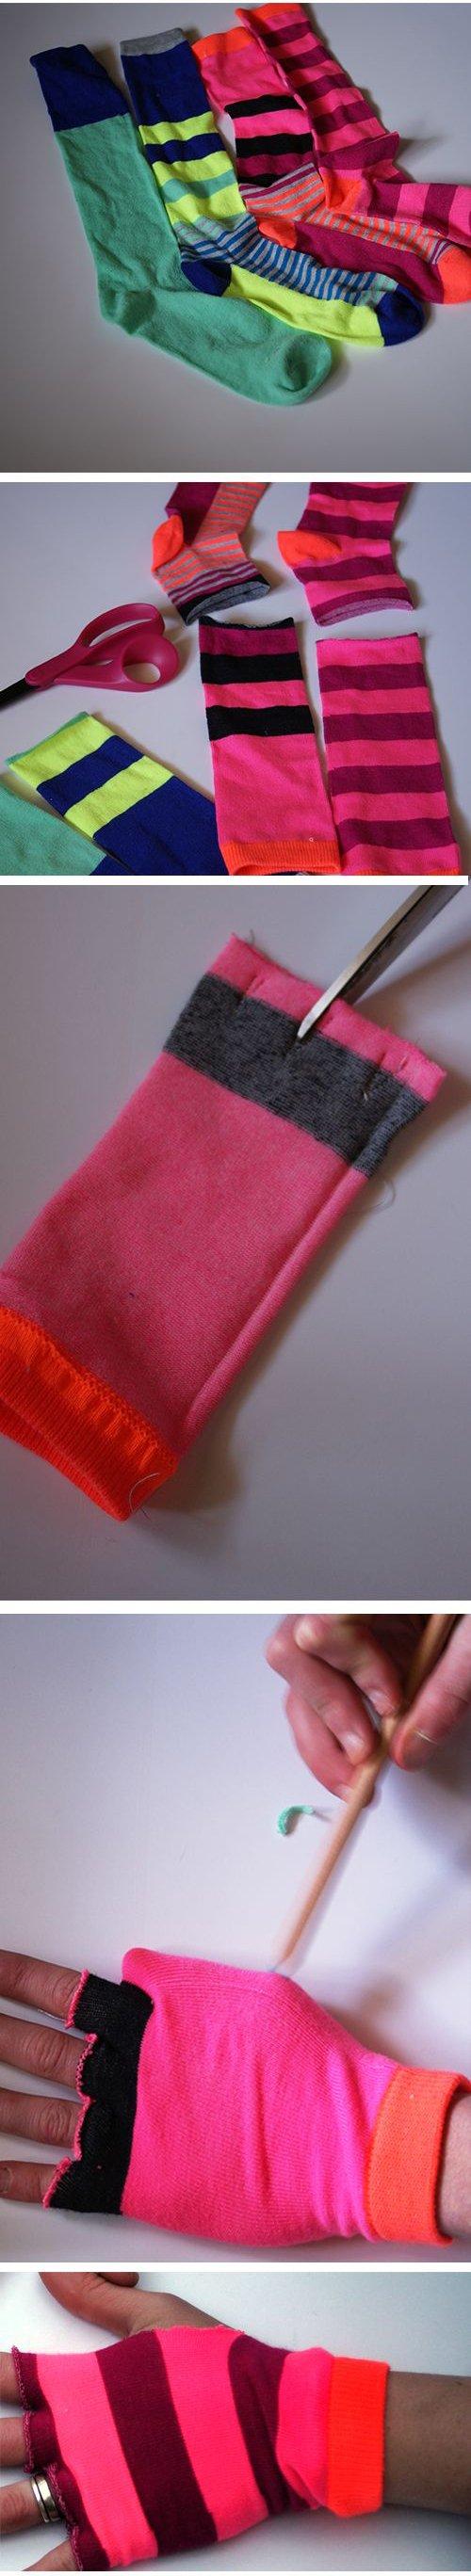 processo de conversão de meias velhas luvas